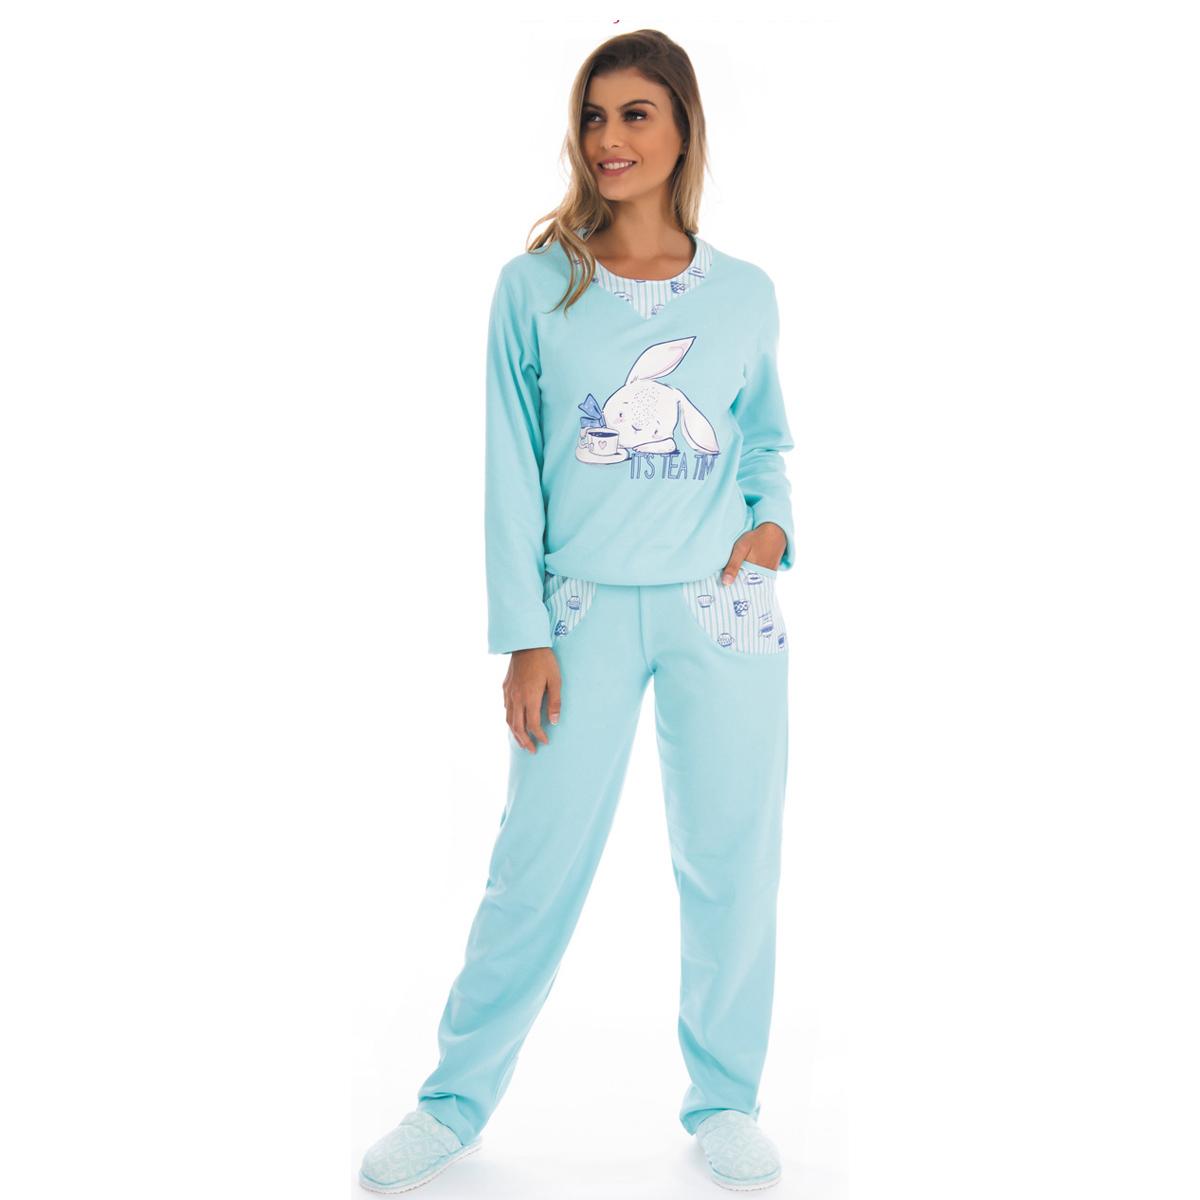 Pijama de inverno feminino PELUCIADO FOFUCHO Victory